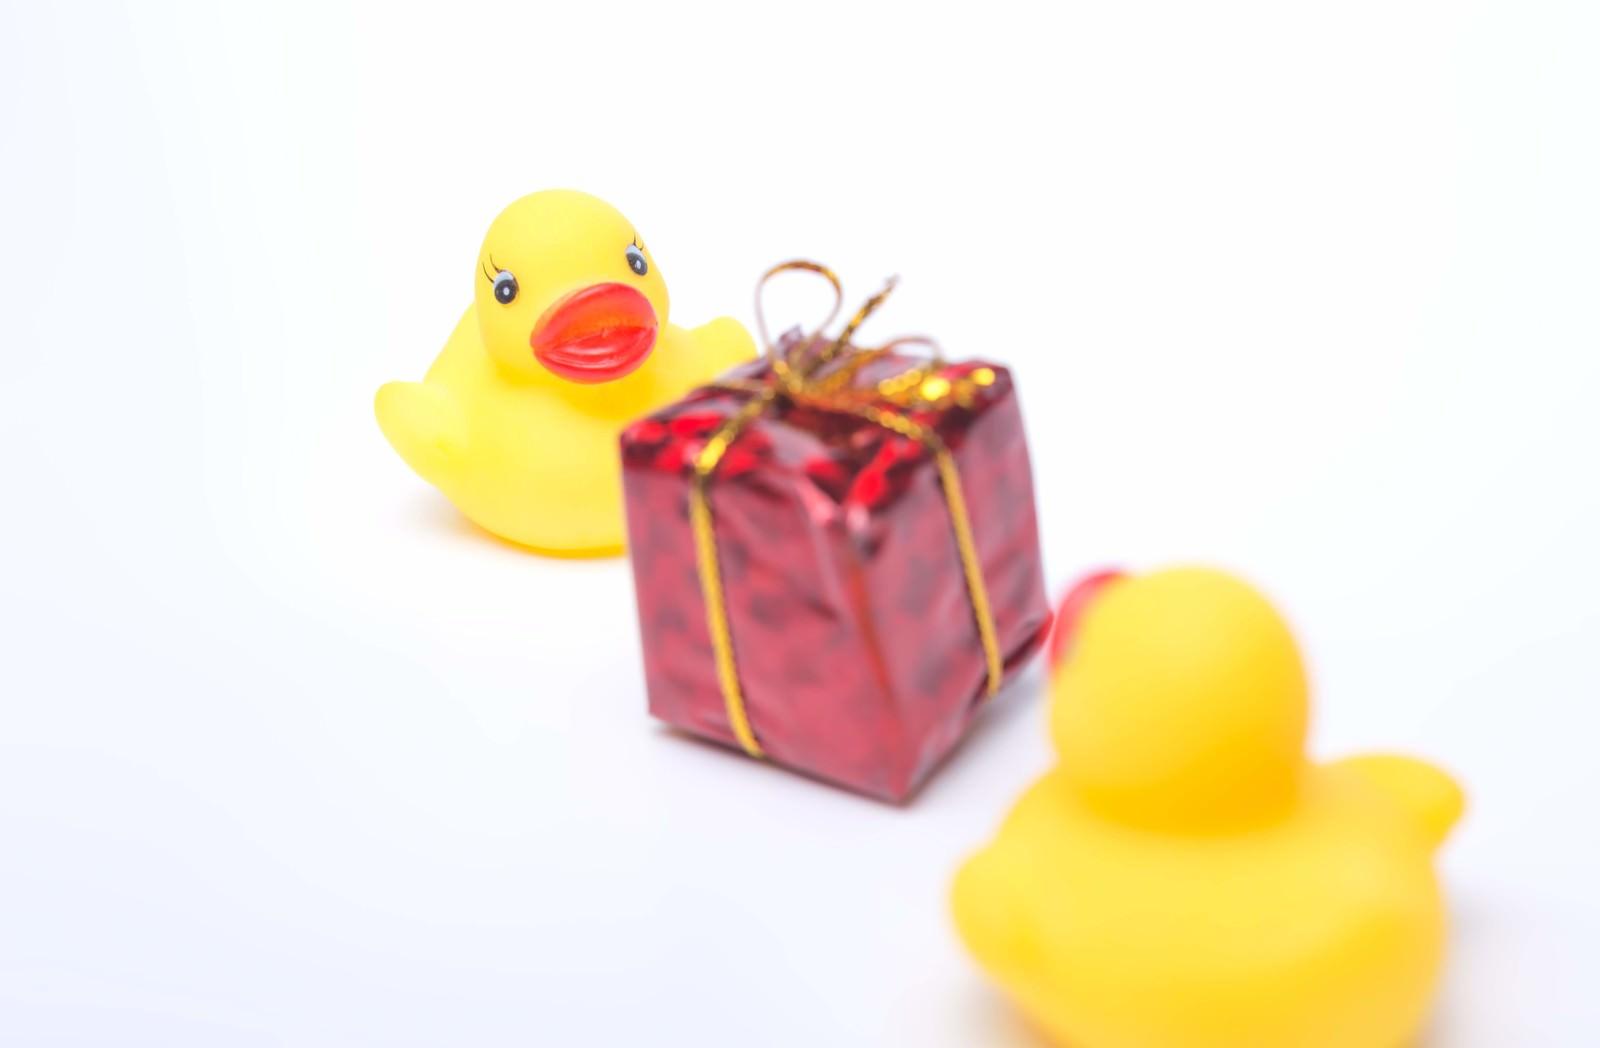 「プレゼント交換」の写真